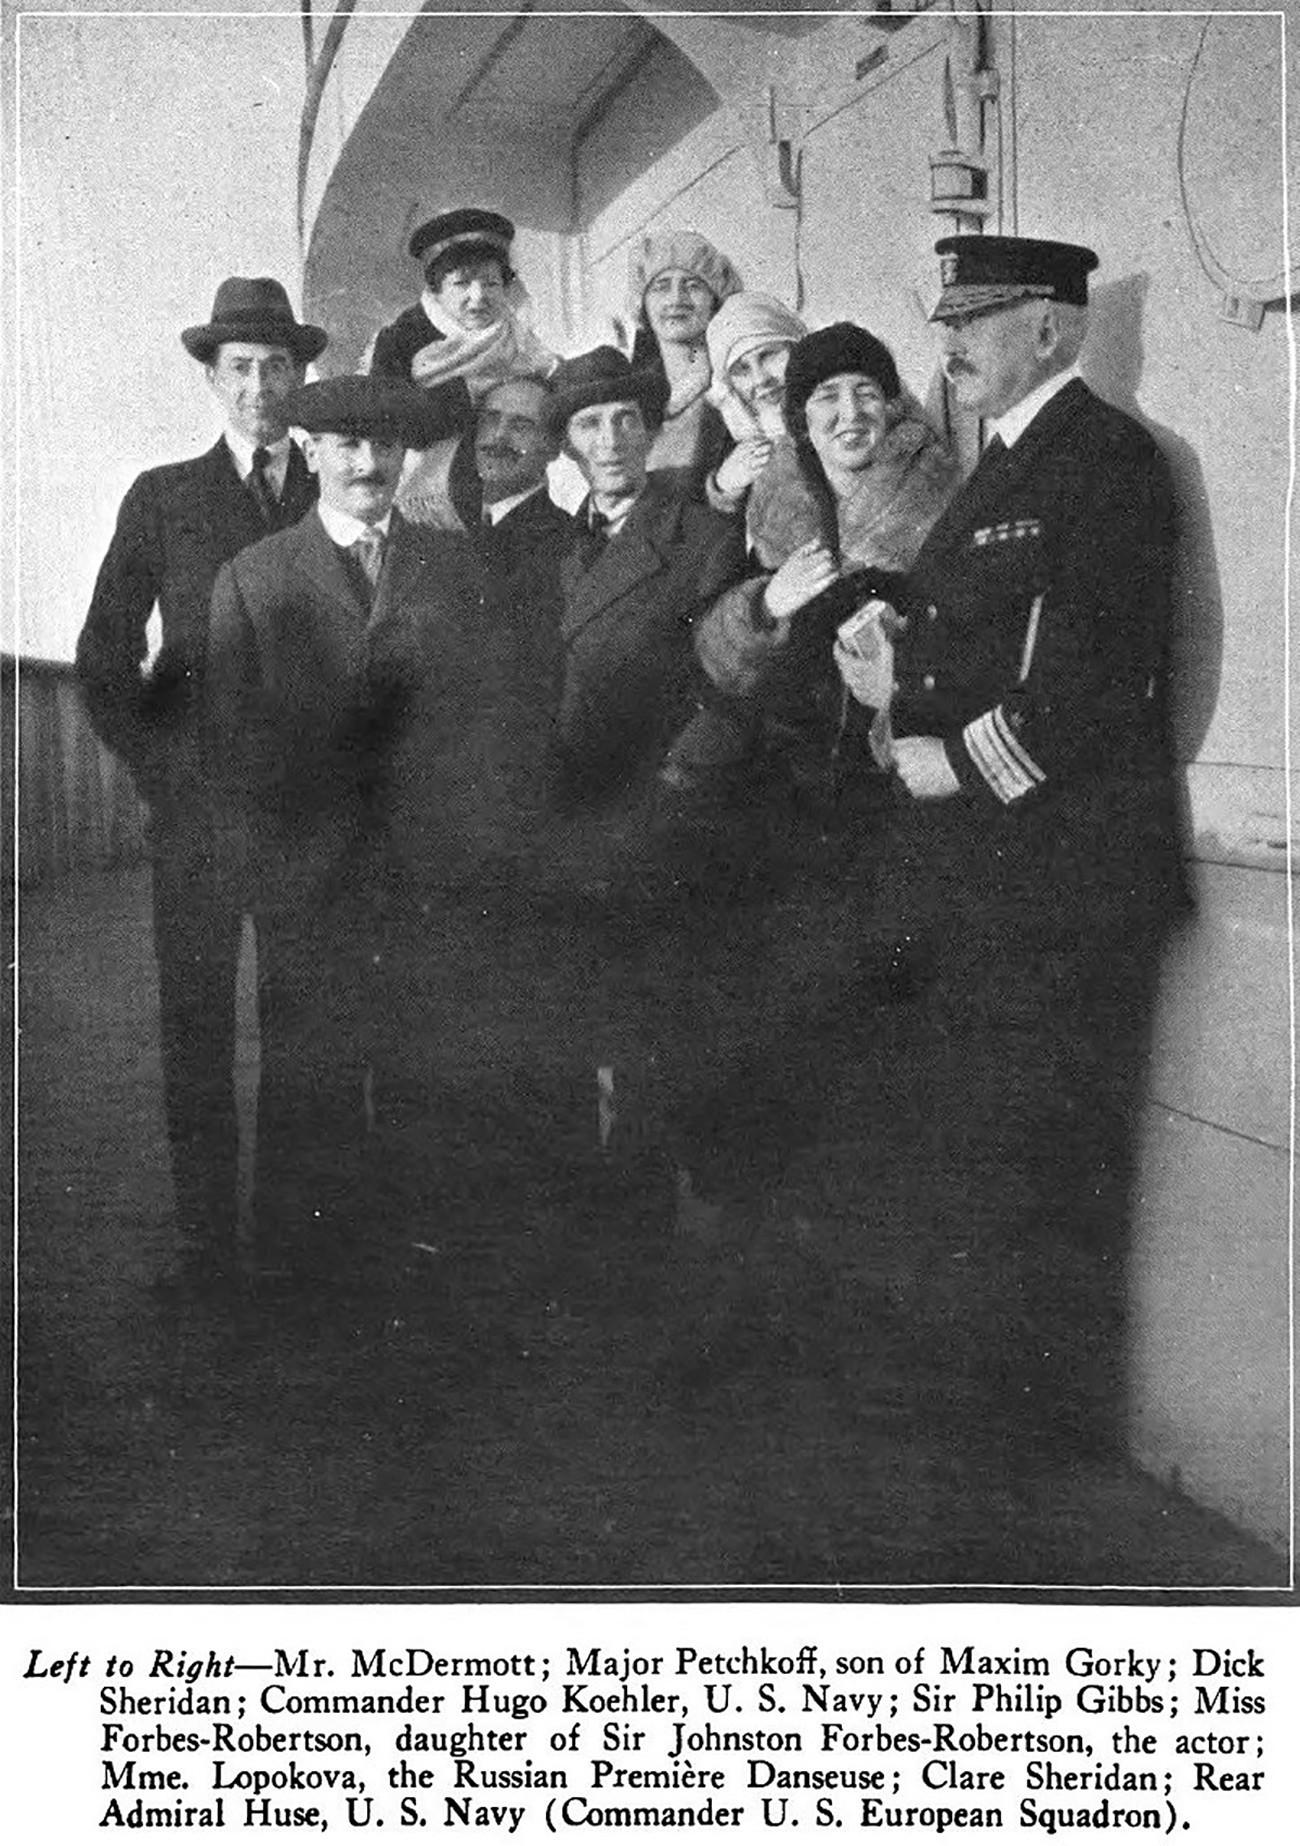 クレア・シェリダン、ヒューゴ・カイレール、1921年1月